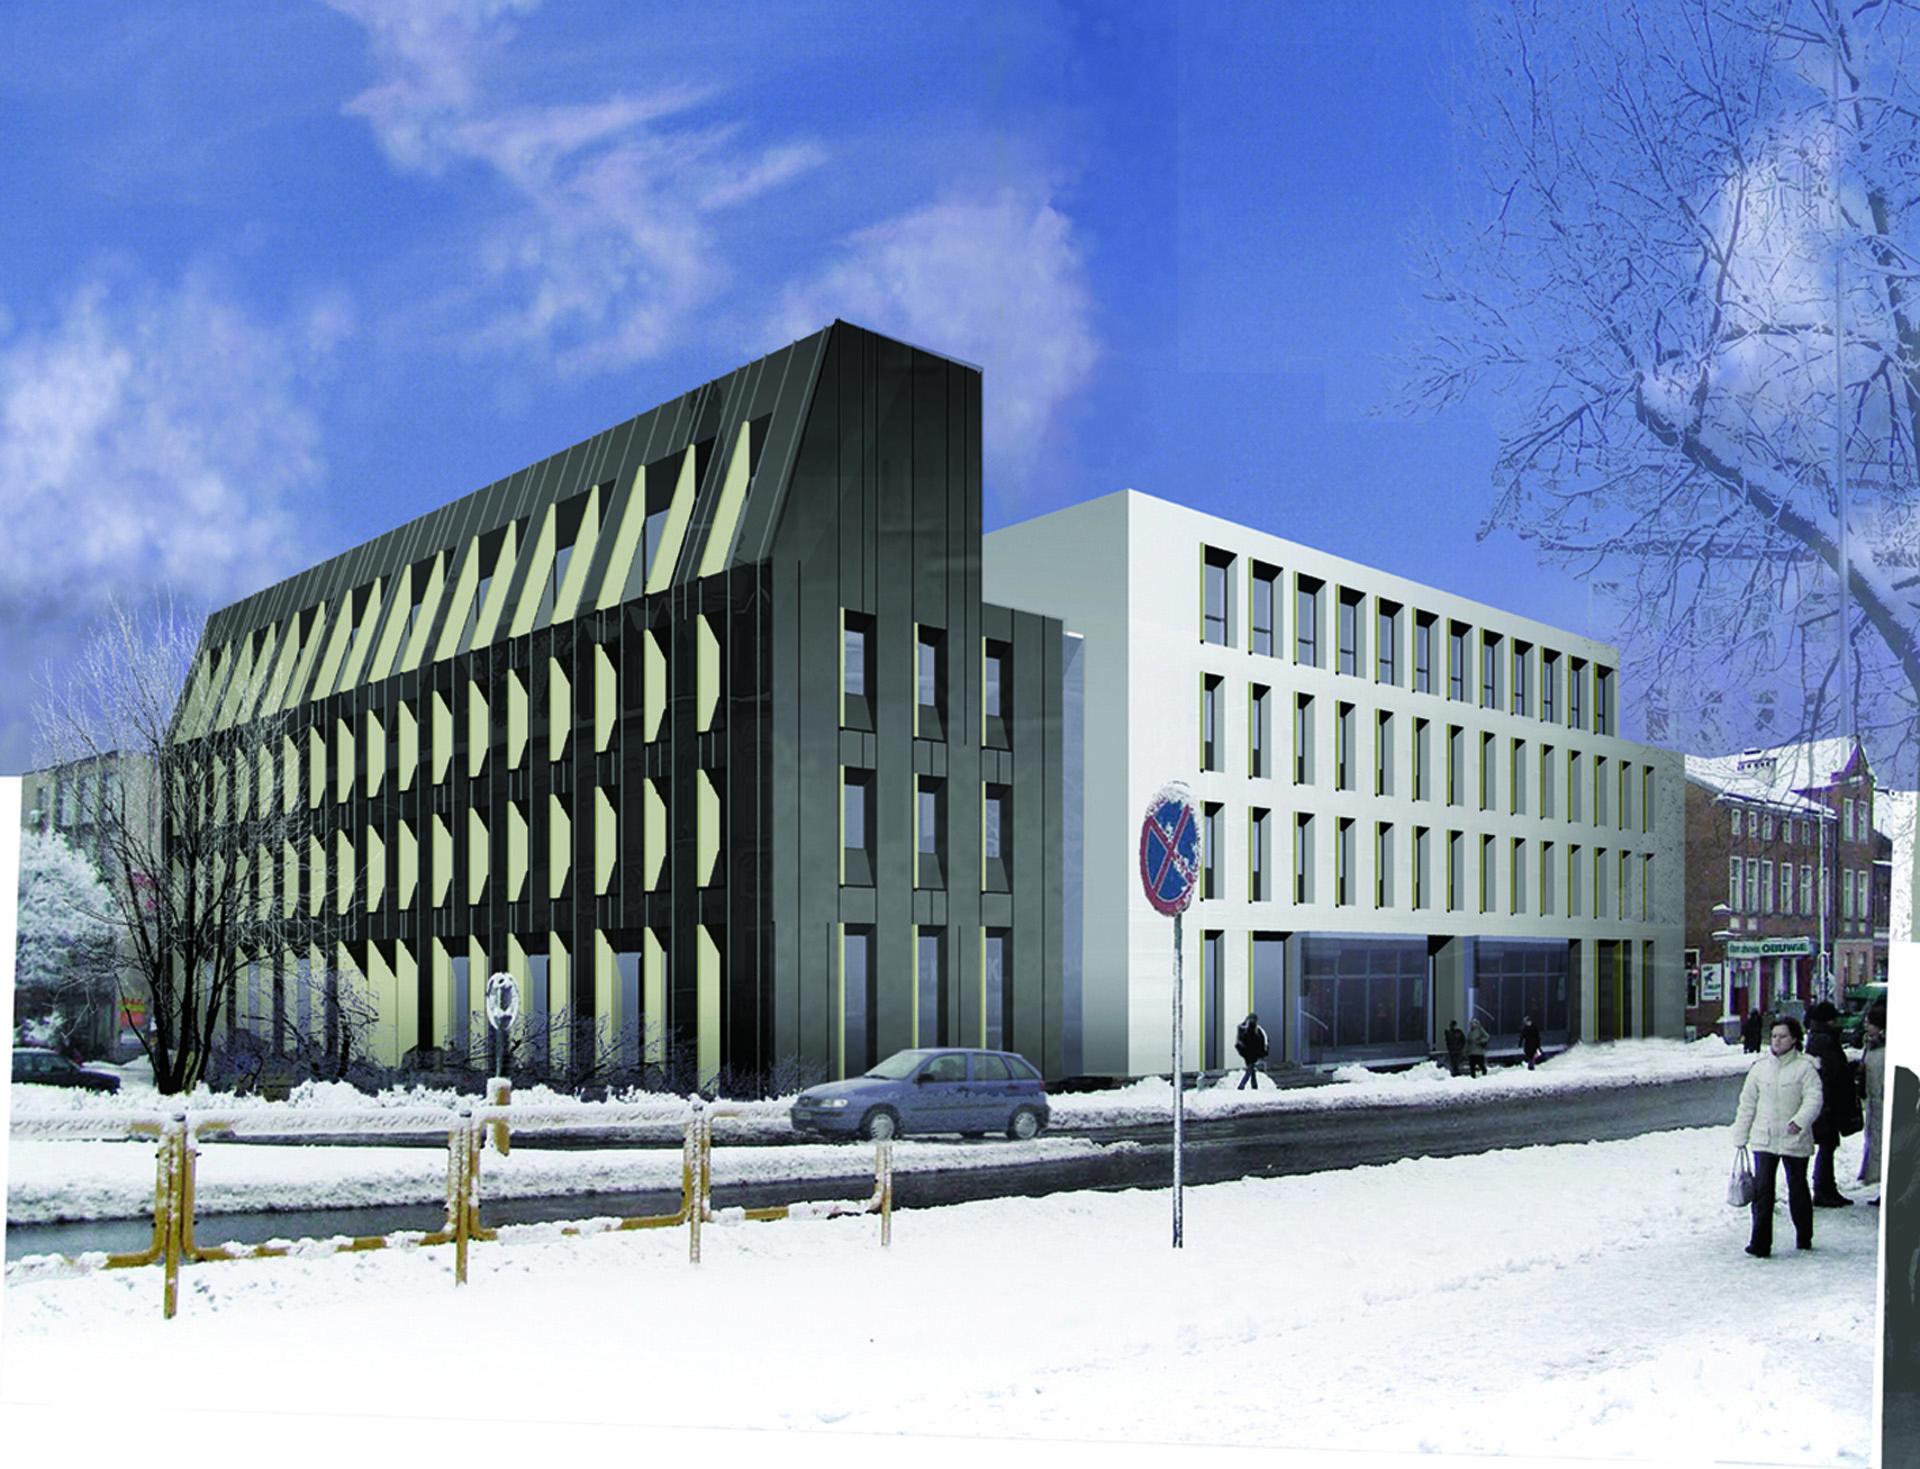 Starostwo Powiatowe w Olsztynie - wyróżnienie w konkursie BAZA architekci.